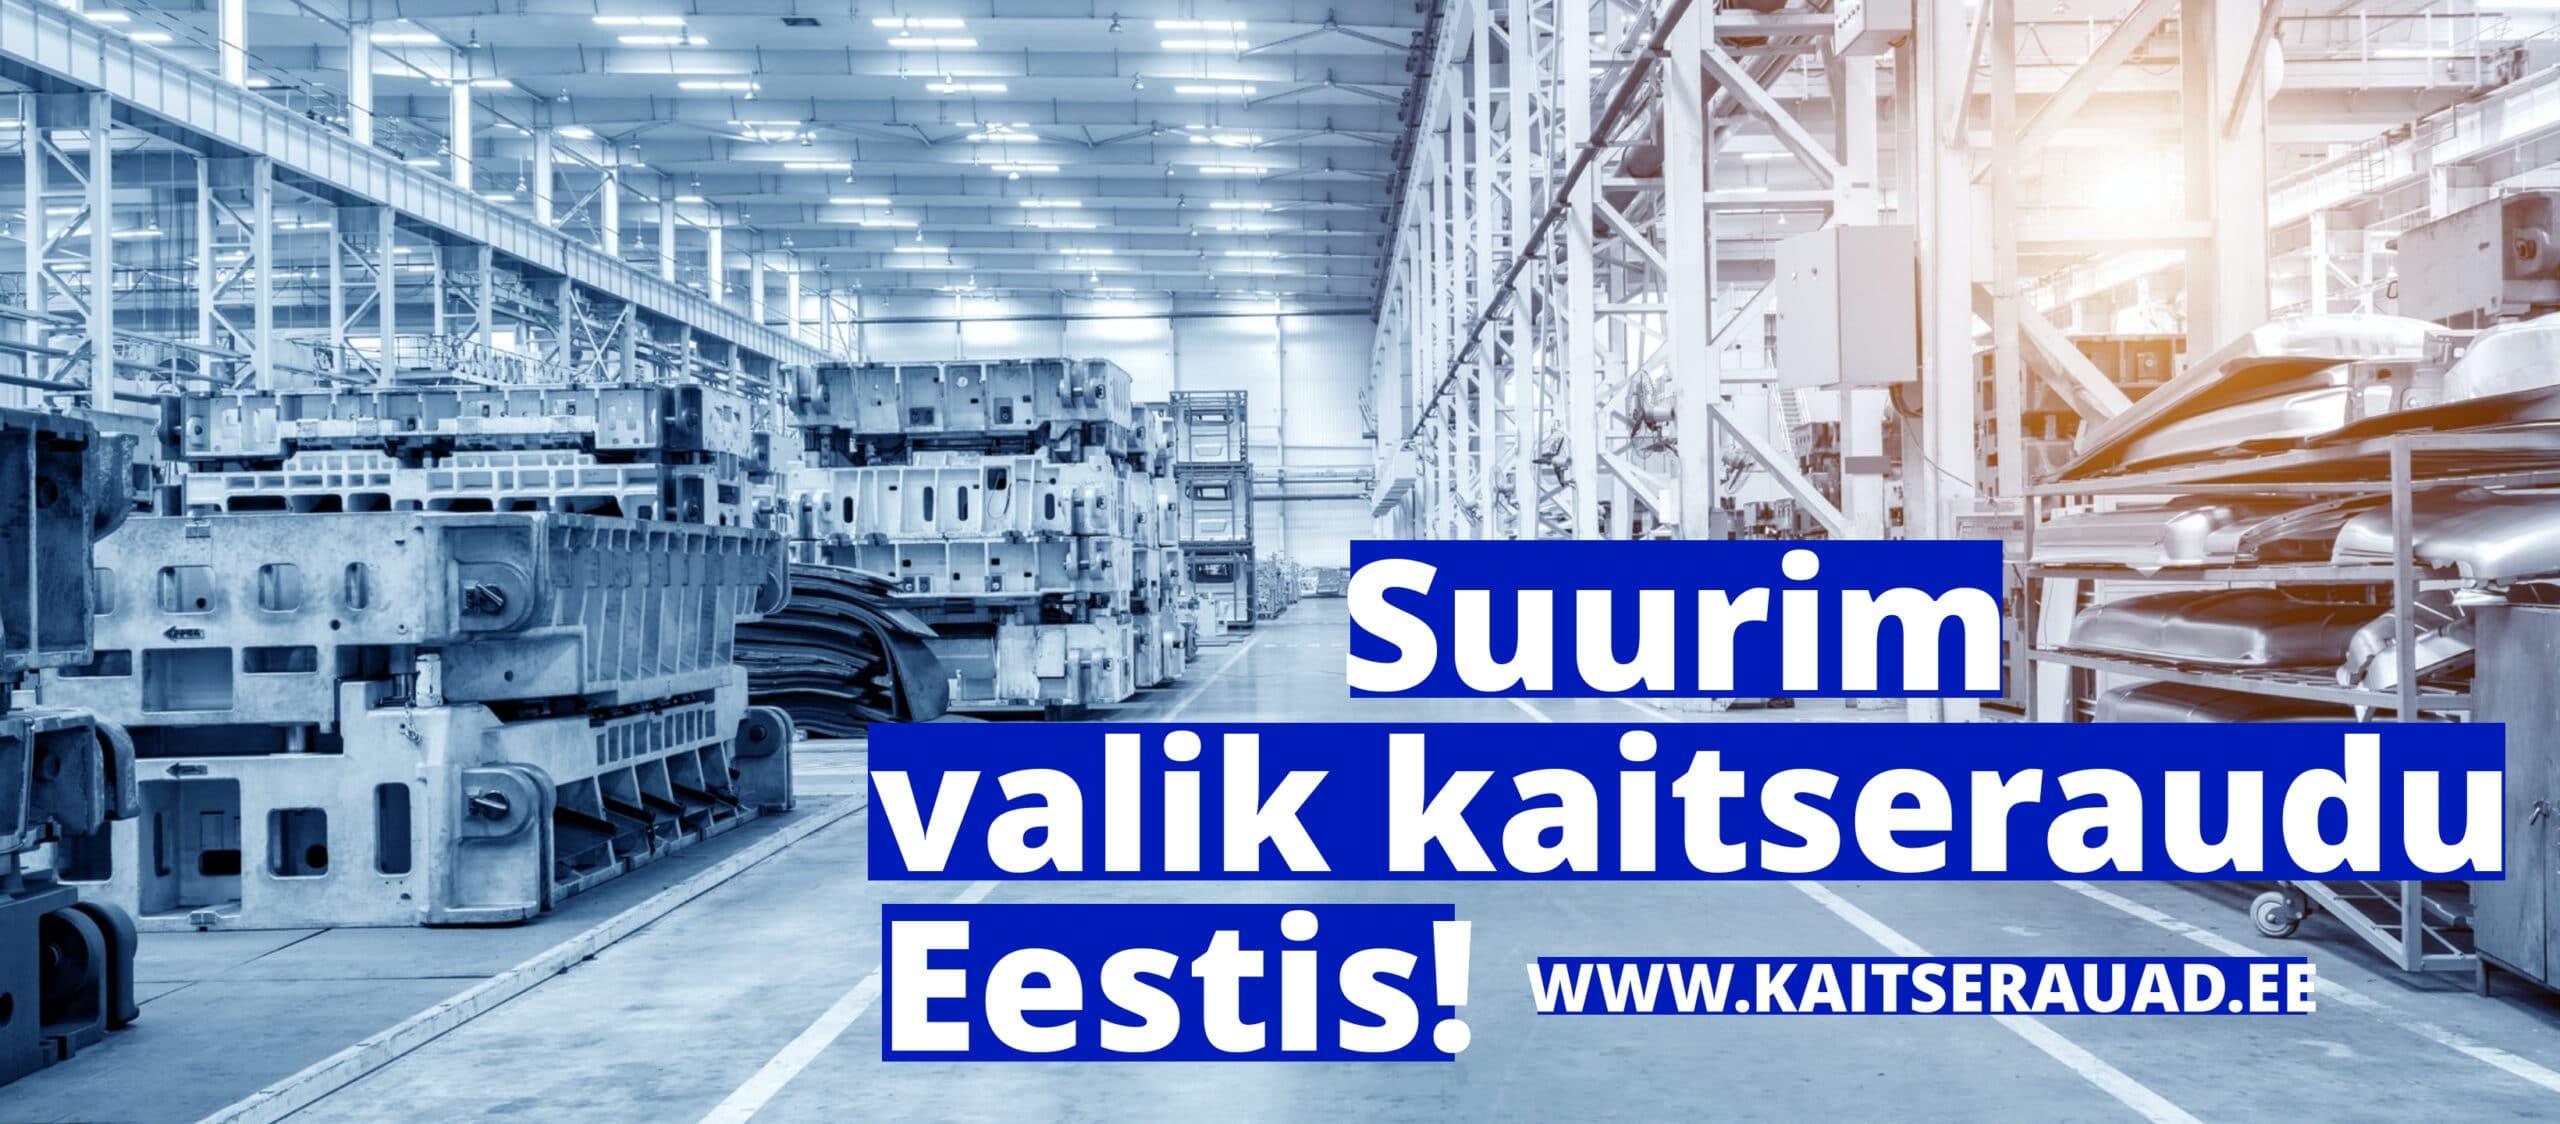 Suurim valik kaitseraudu Eestis - www.kaitserauad.ee